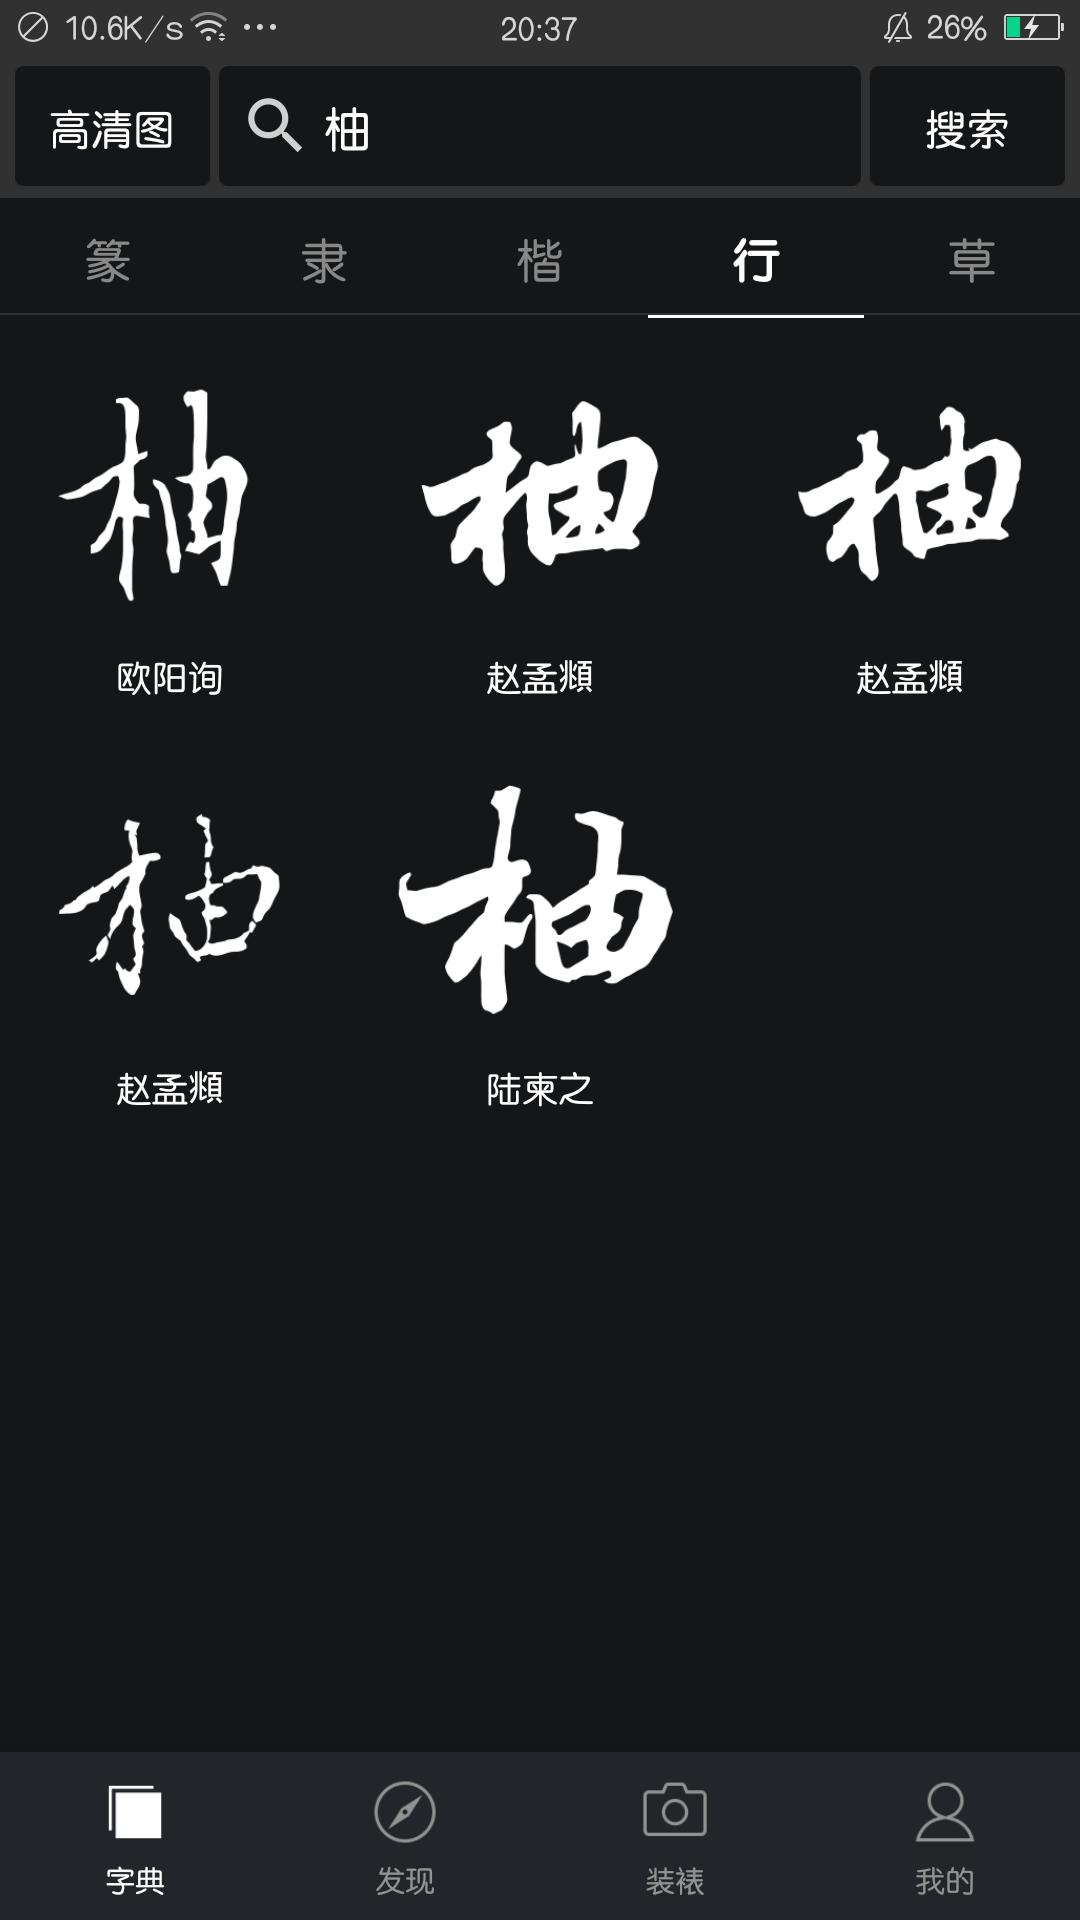 【分享】书法字典大全 1.11.5